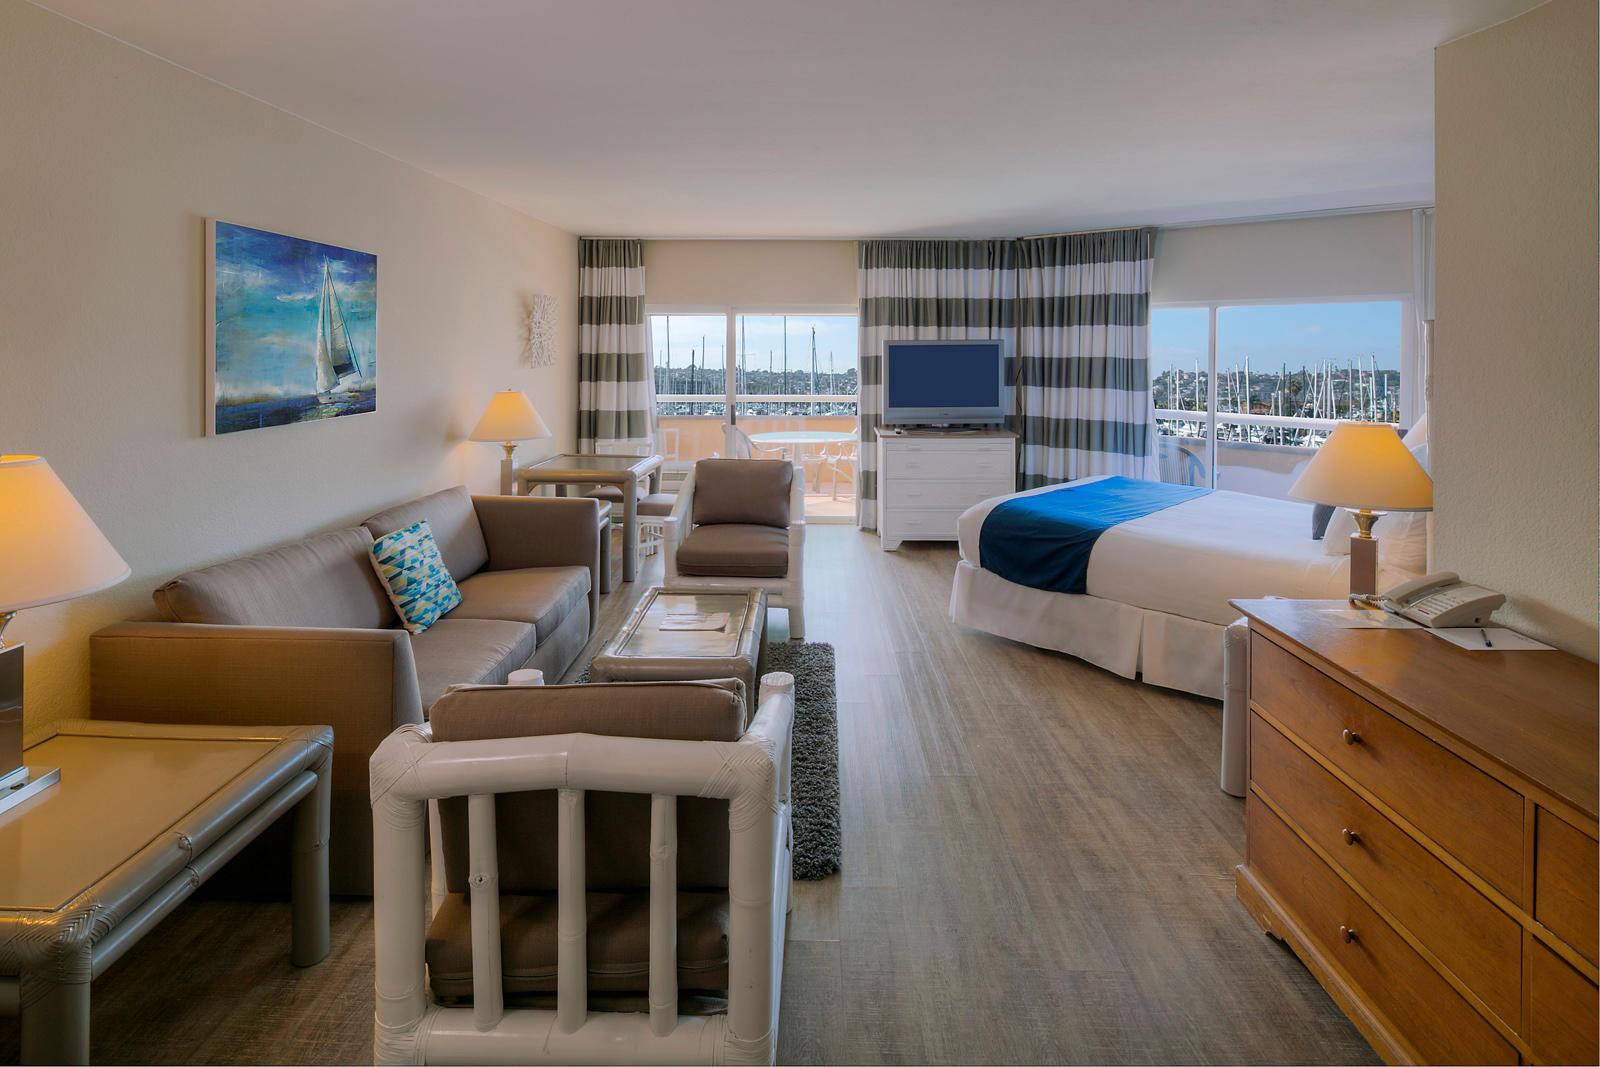 The Bay Club Hotel & Marina image 2